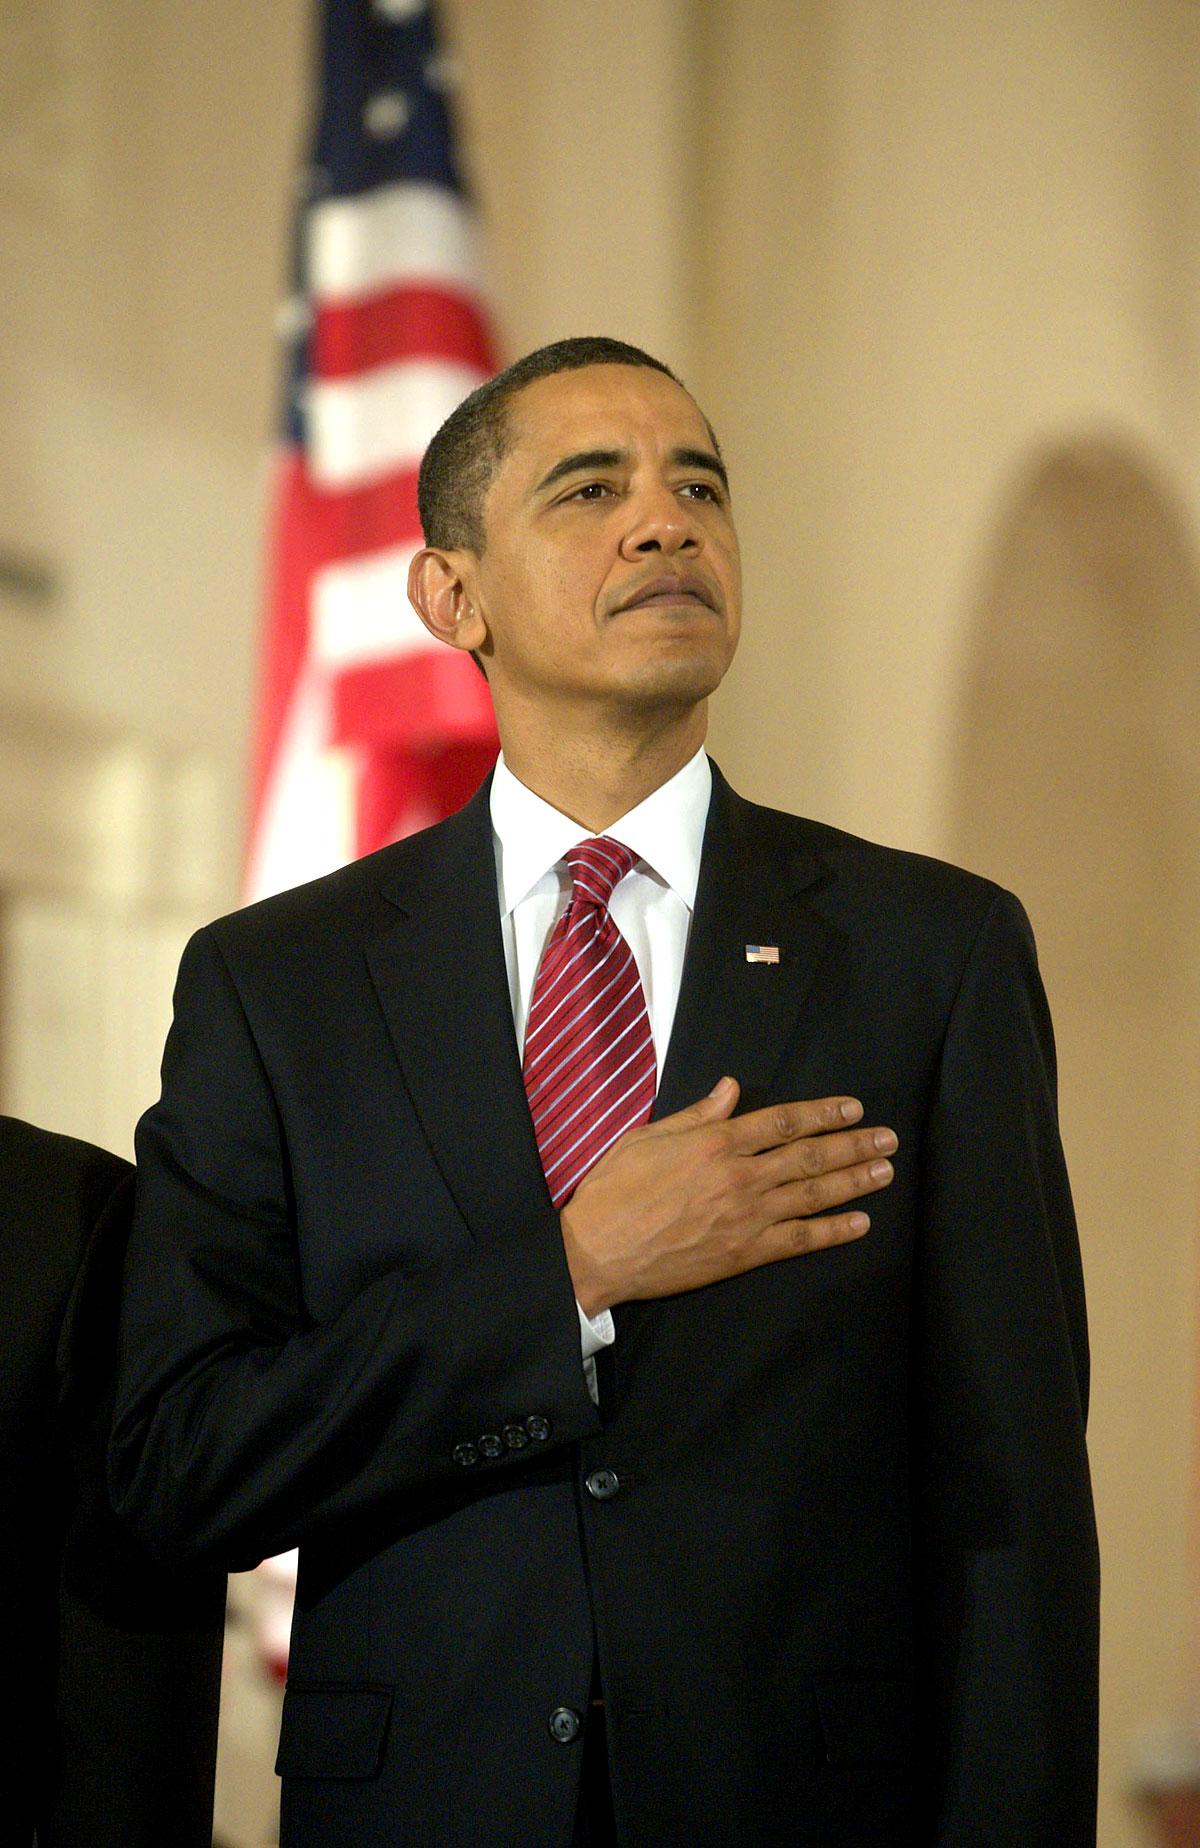 Barack Obama beim Empfang für den indischen Ministerpräsidenten in Washington